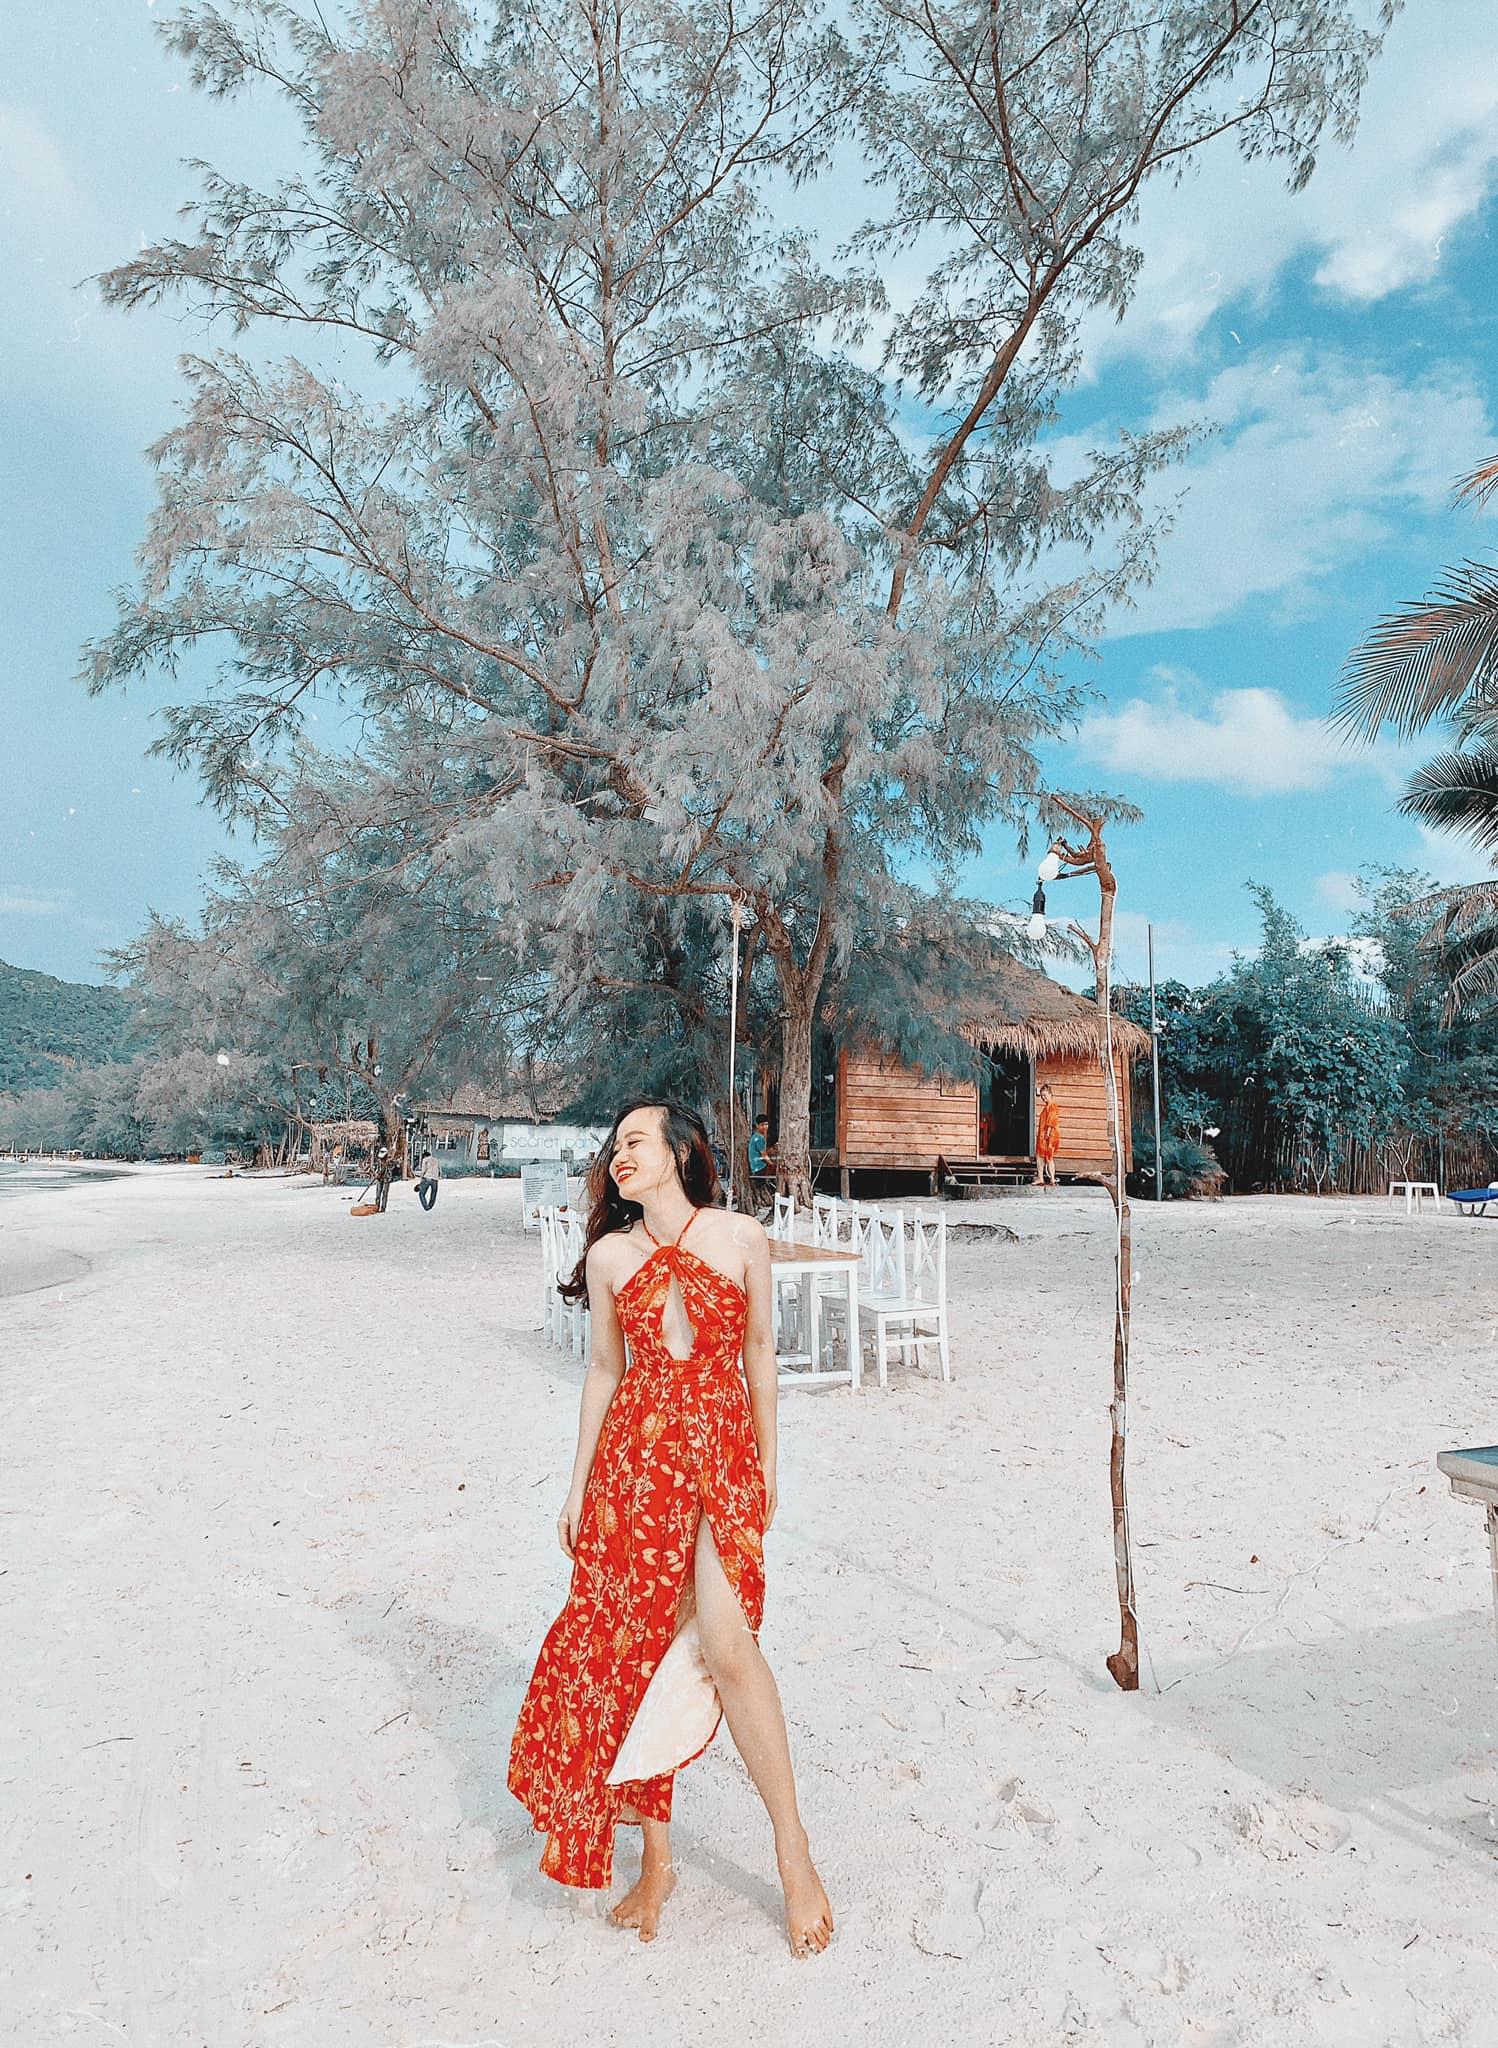 campuchia_Koh-Rong-Samloem-Koh-Rong-island-02